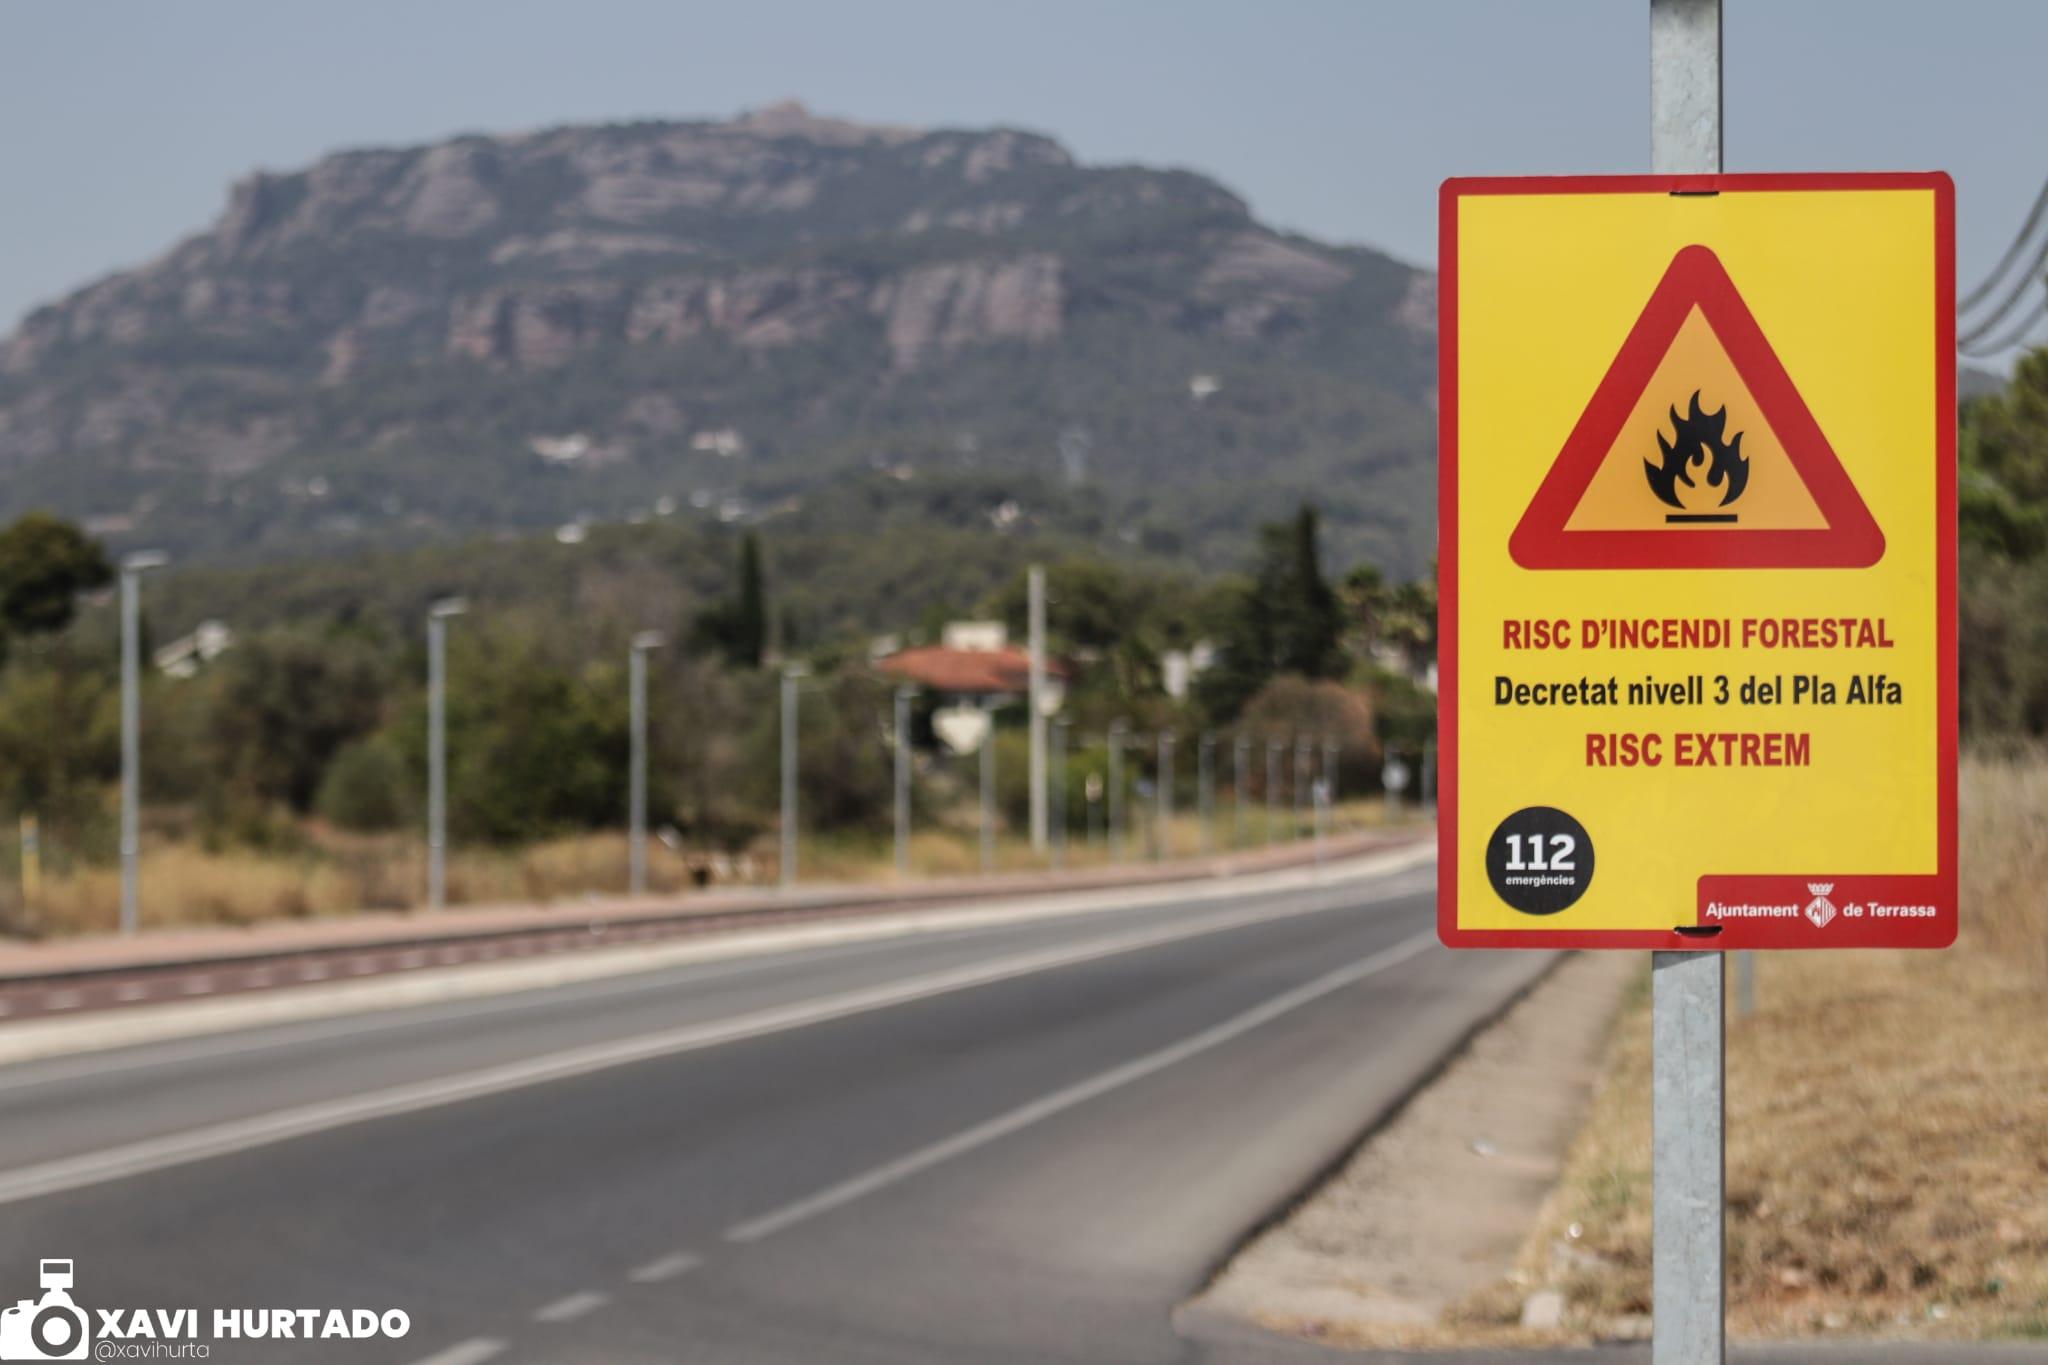 Restriccions d'accés al Parc Natural de Sant Llorenç   Xavi Hurtado